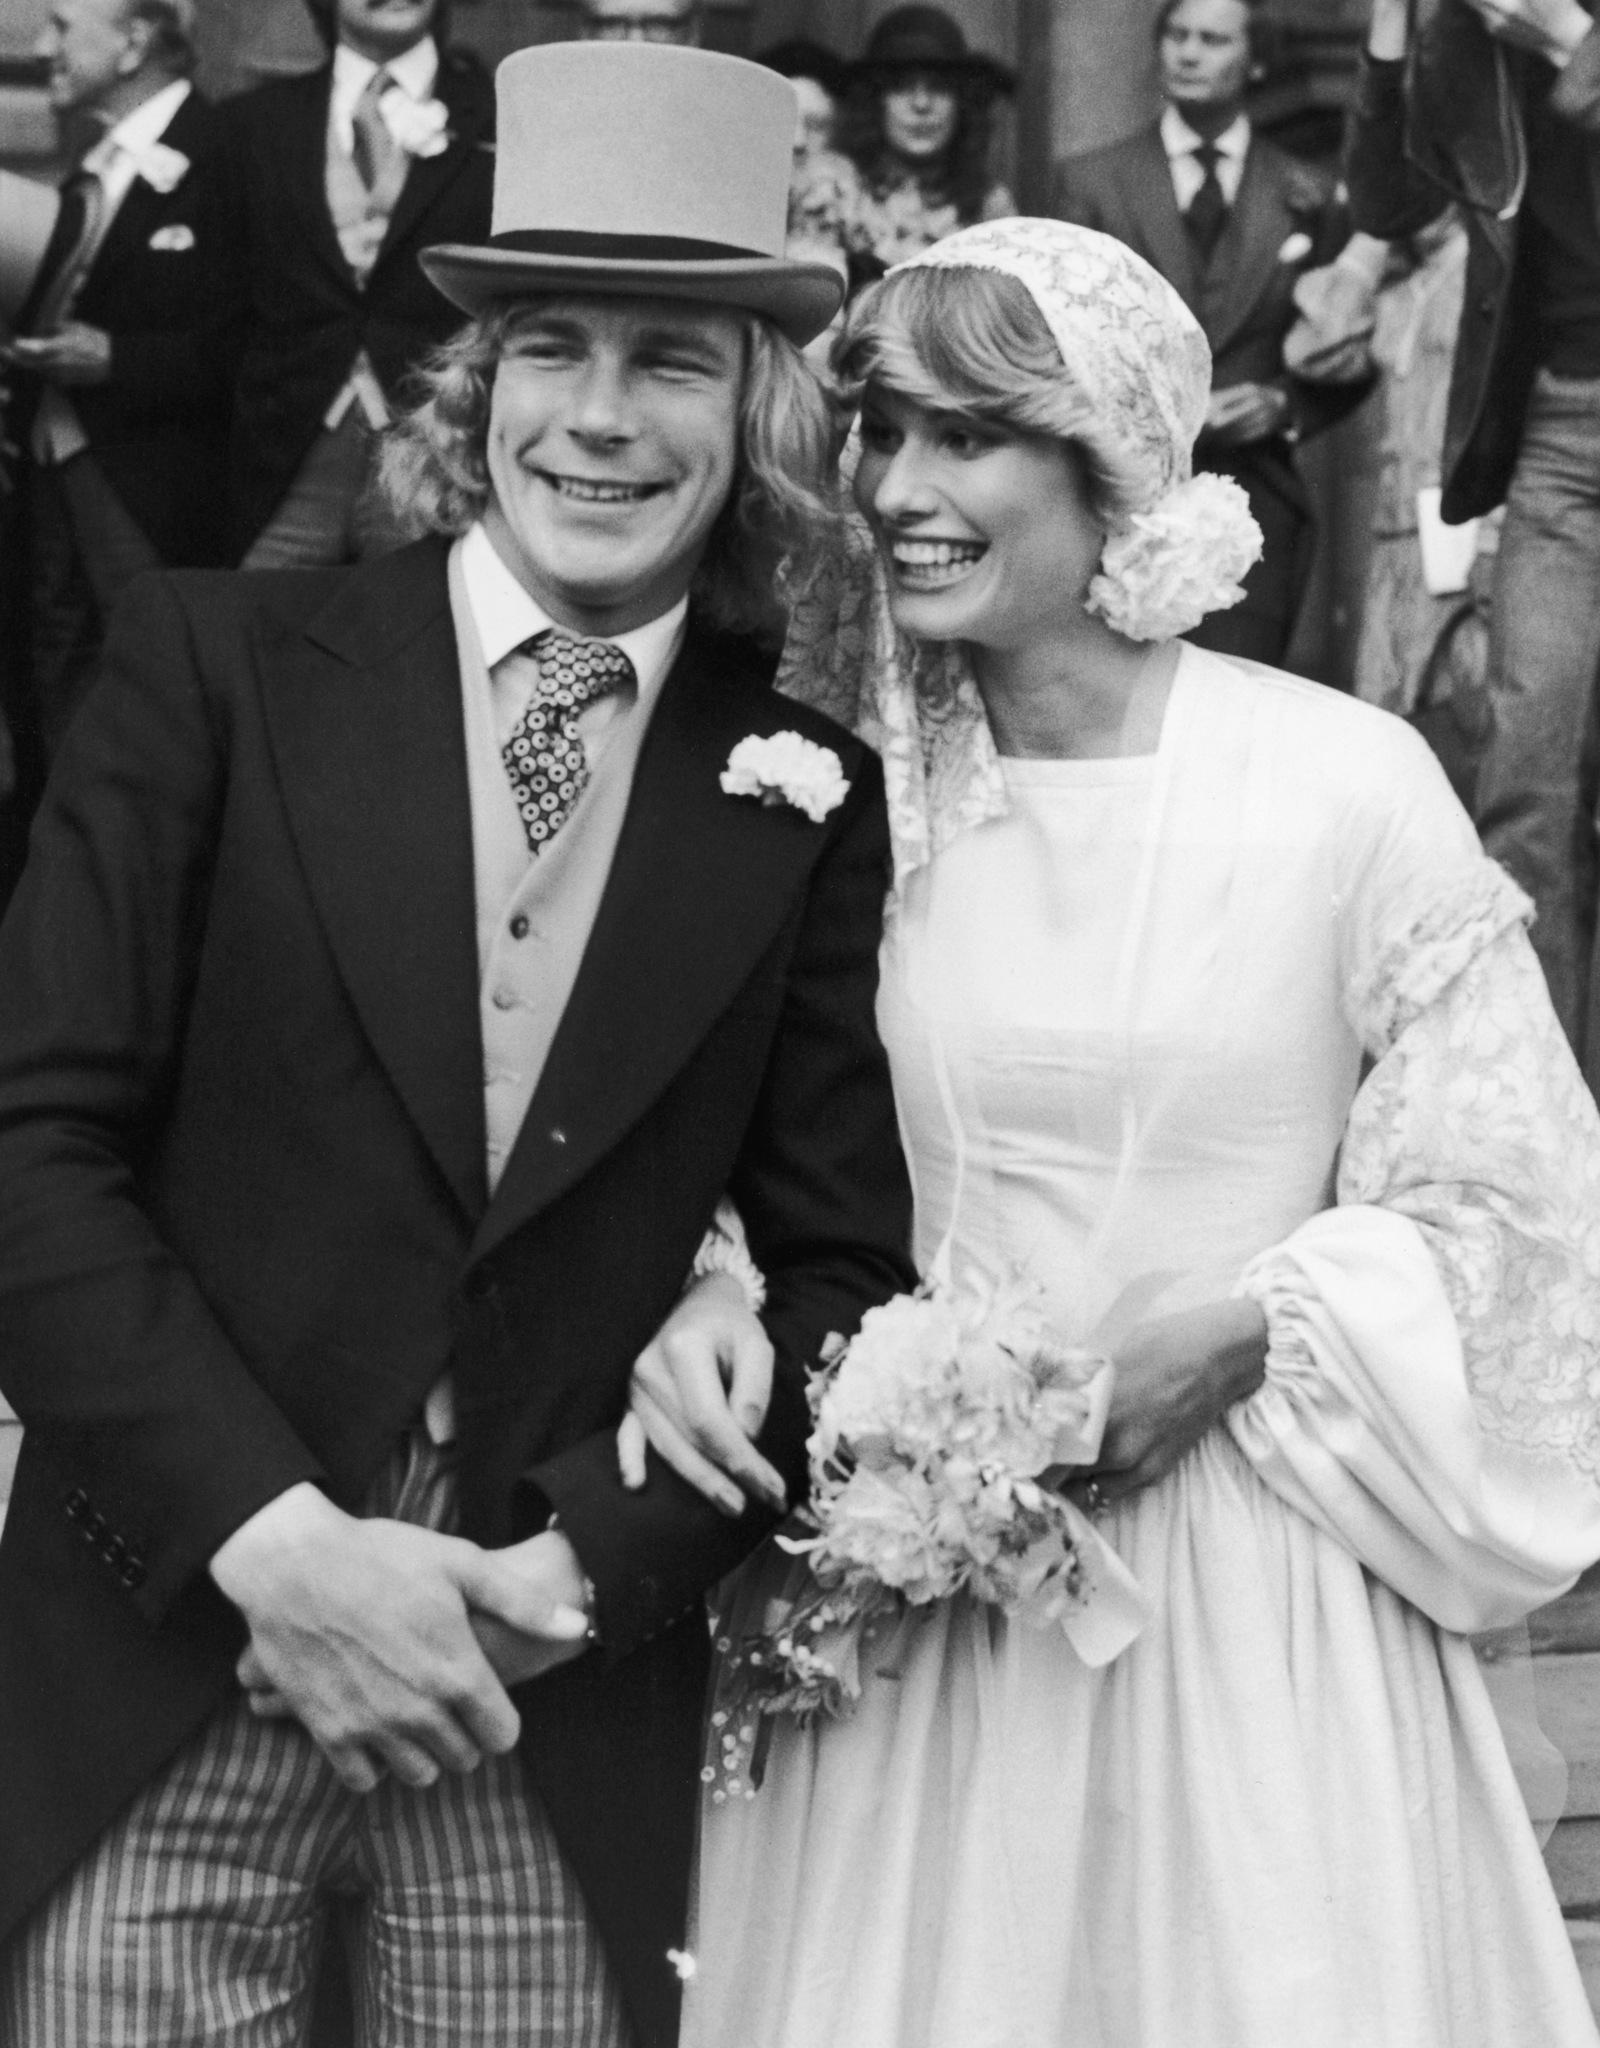 James Hunt and Susan Hunt